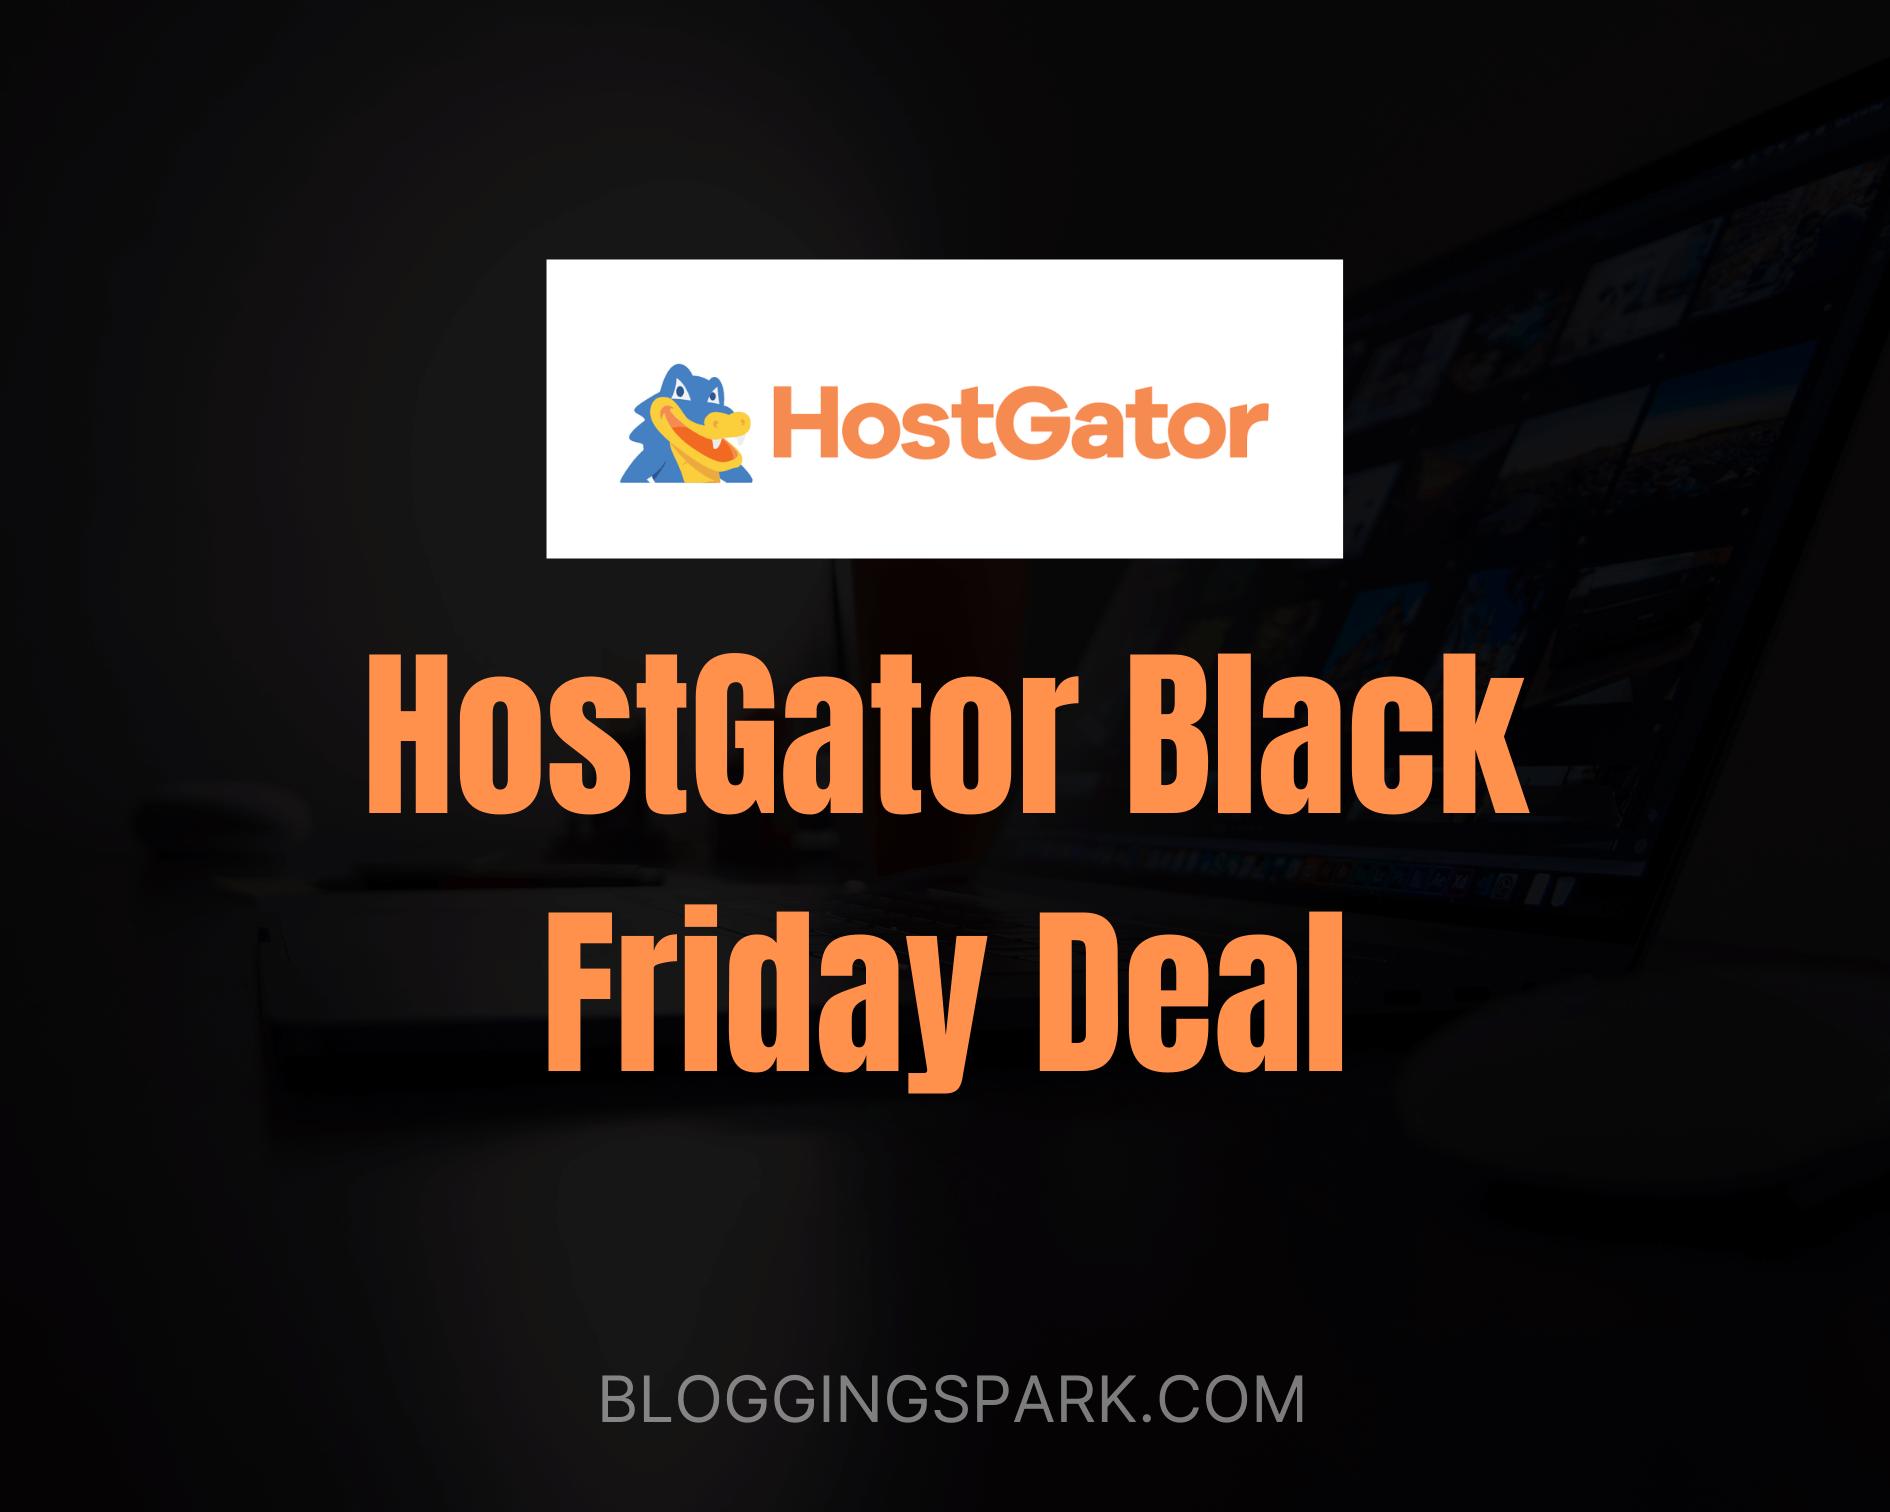 Hostgator Black Friday Deal 2020: Get 70% OFF on Hosting